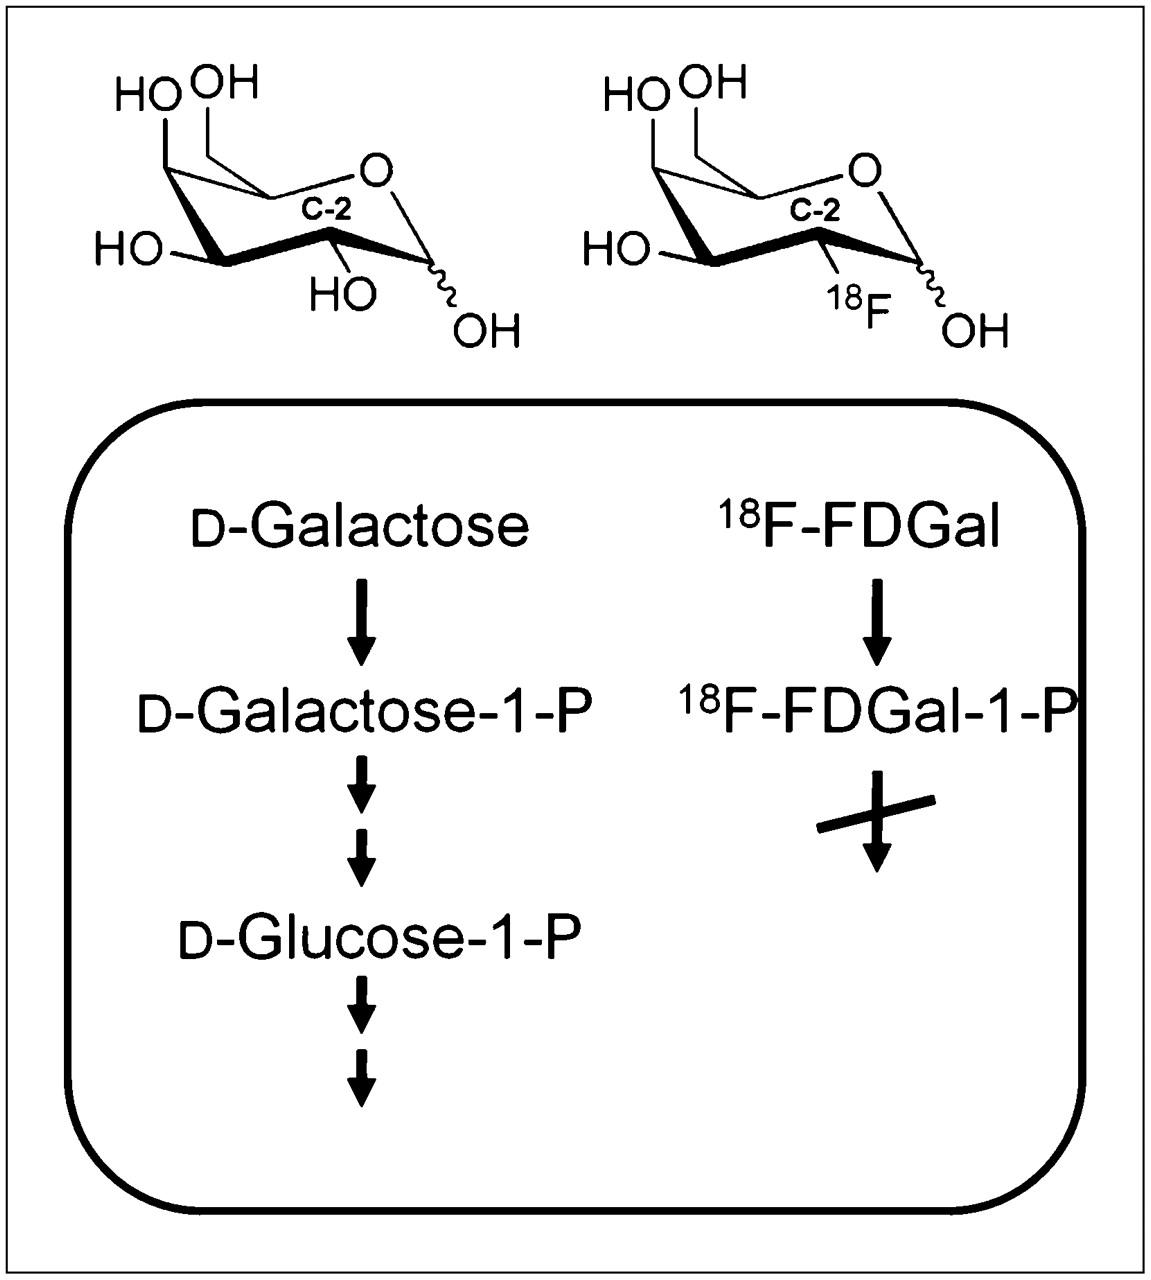 D Galactose D-Galactose  FIGURE 3